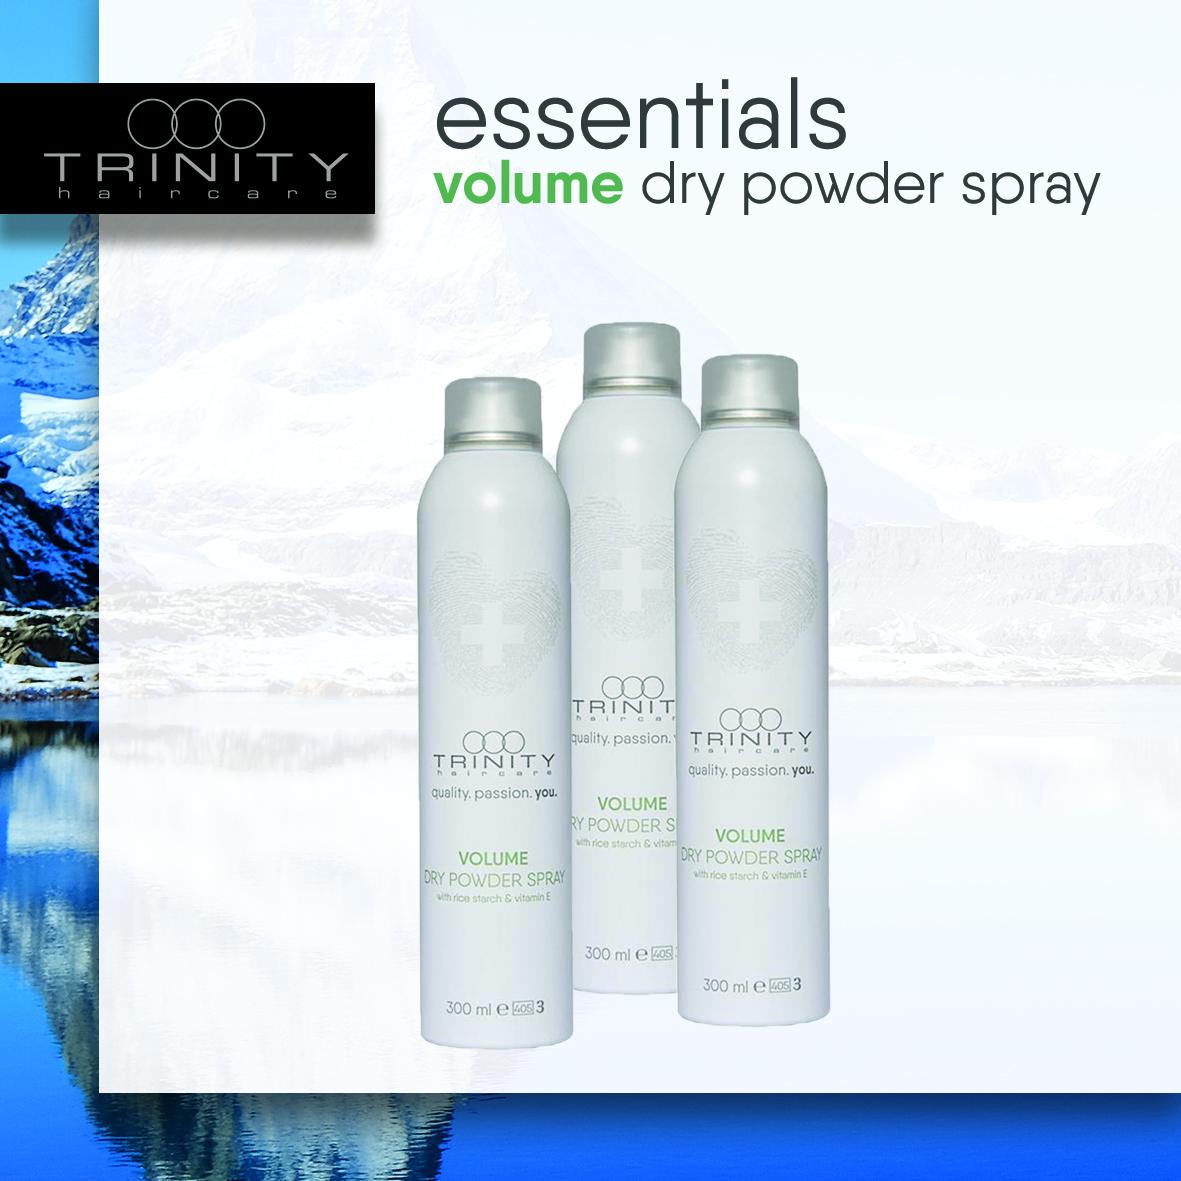 Volume Dry Powder Spray